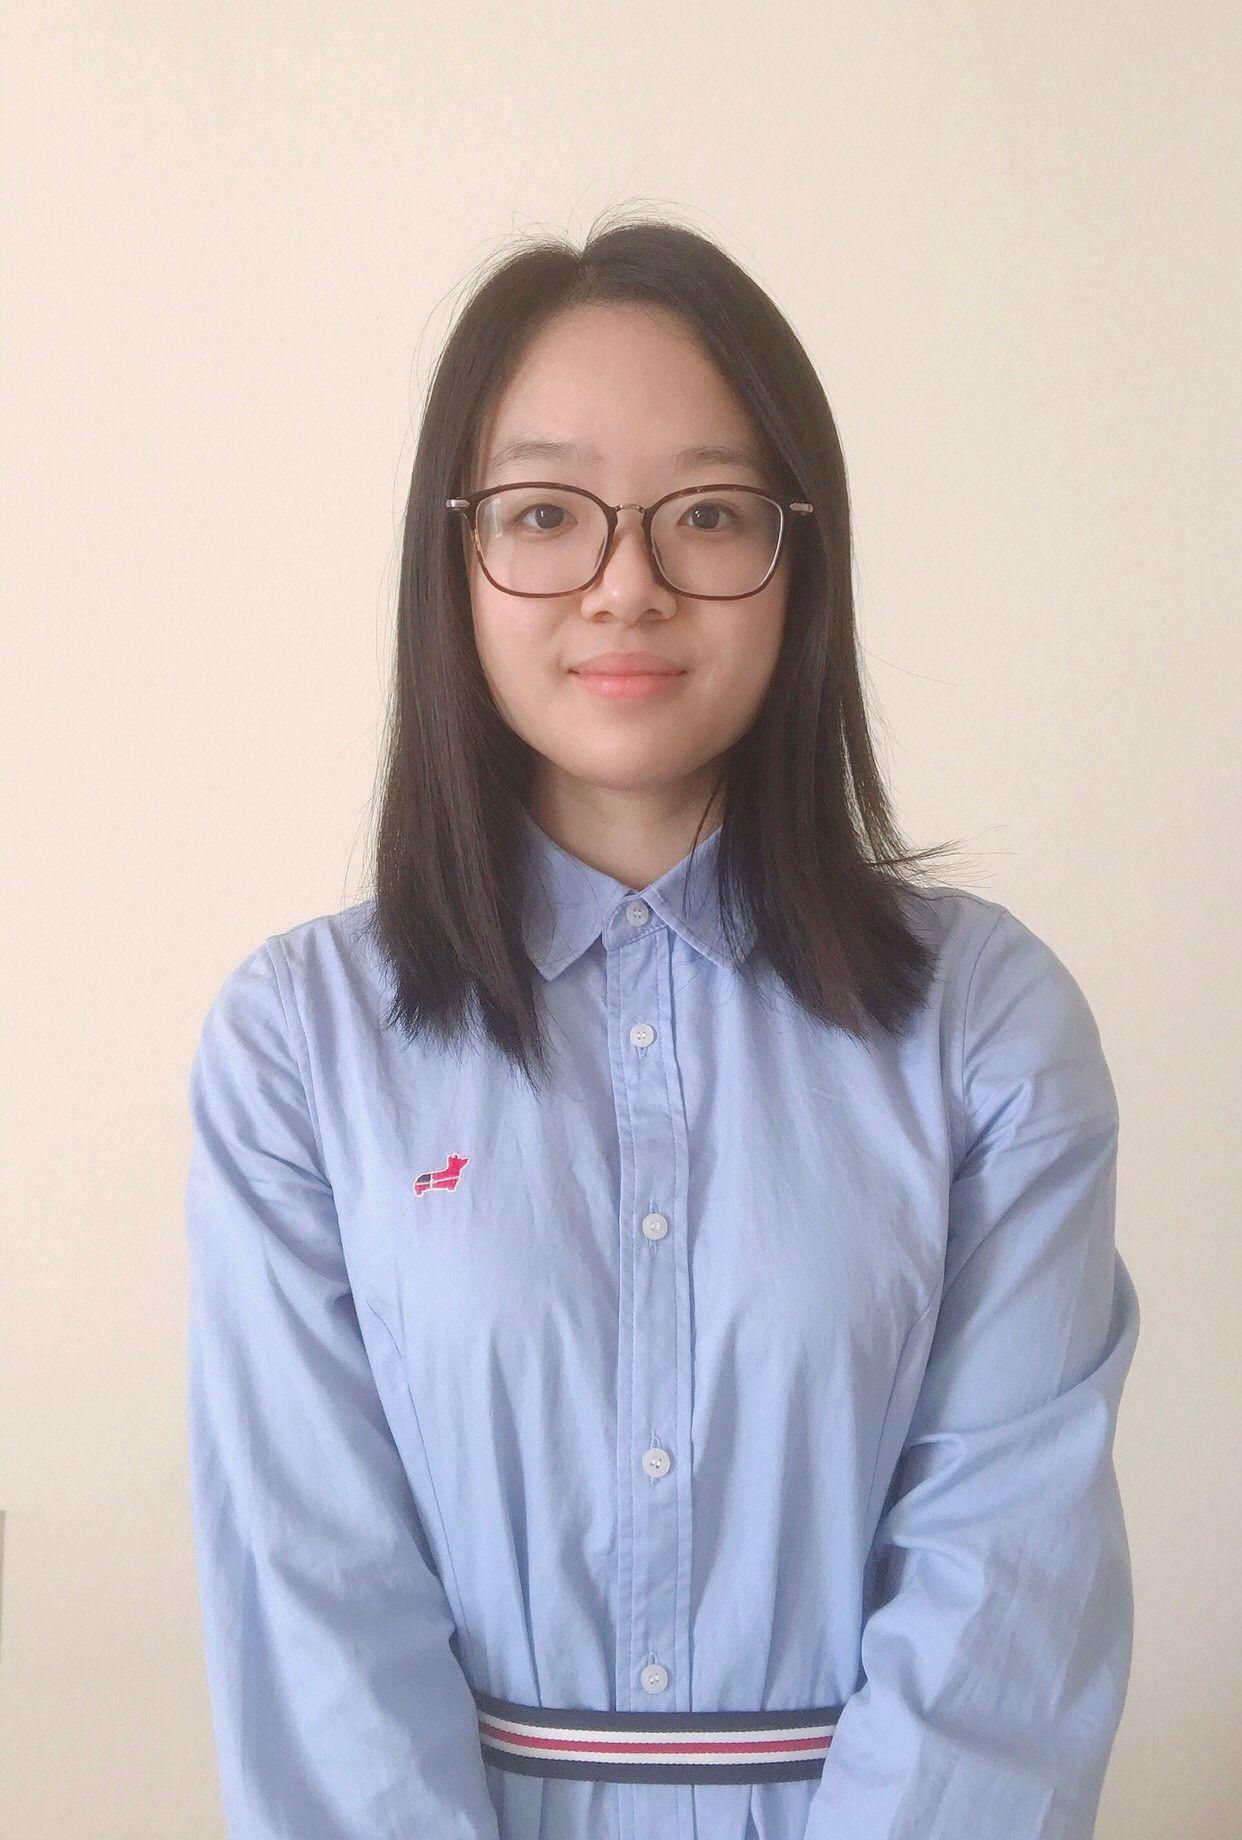 Yinglin Wang